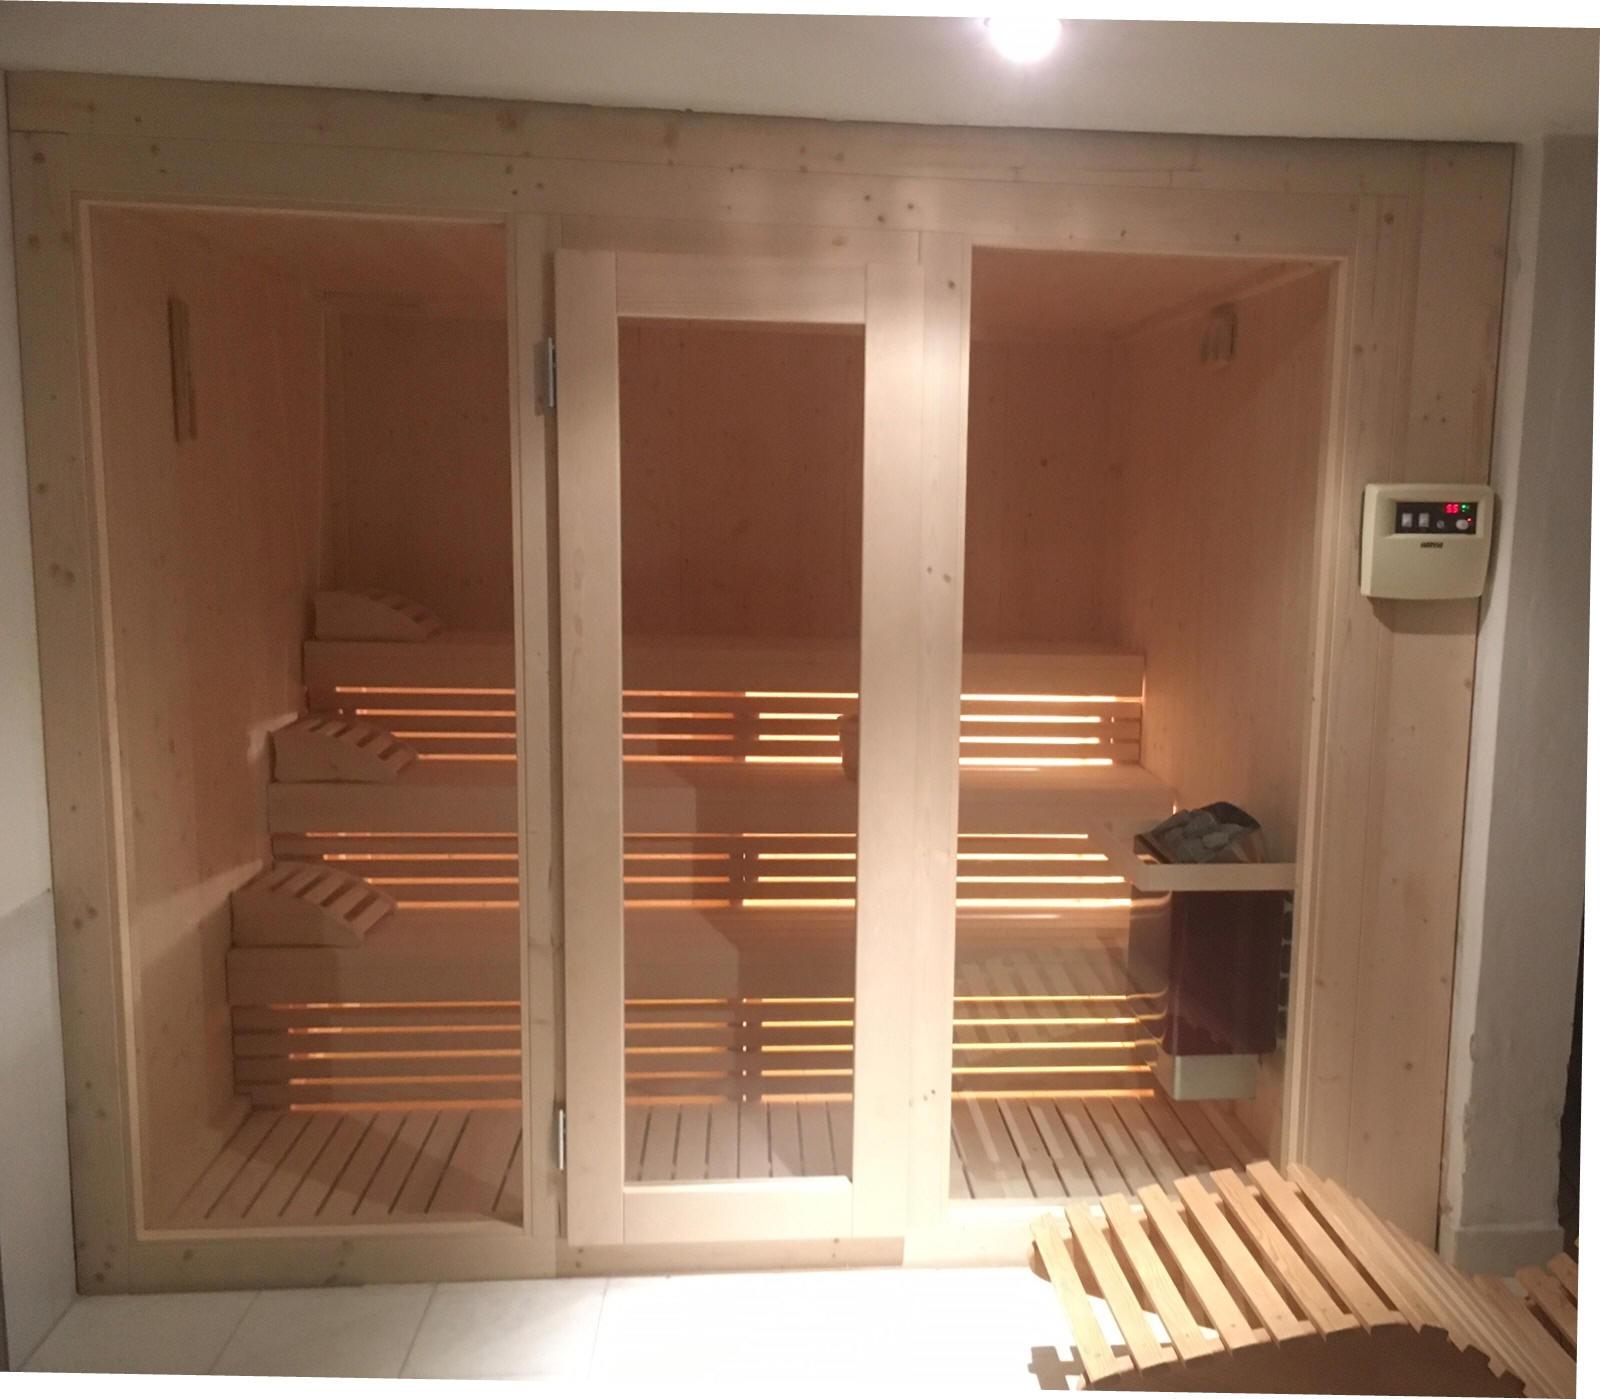 Costo bagno turco in casa frame bagno turco bologna spatium rigenera particolare bagno - Costo sauna in casa ...